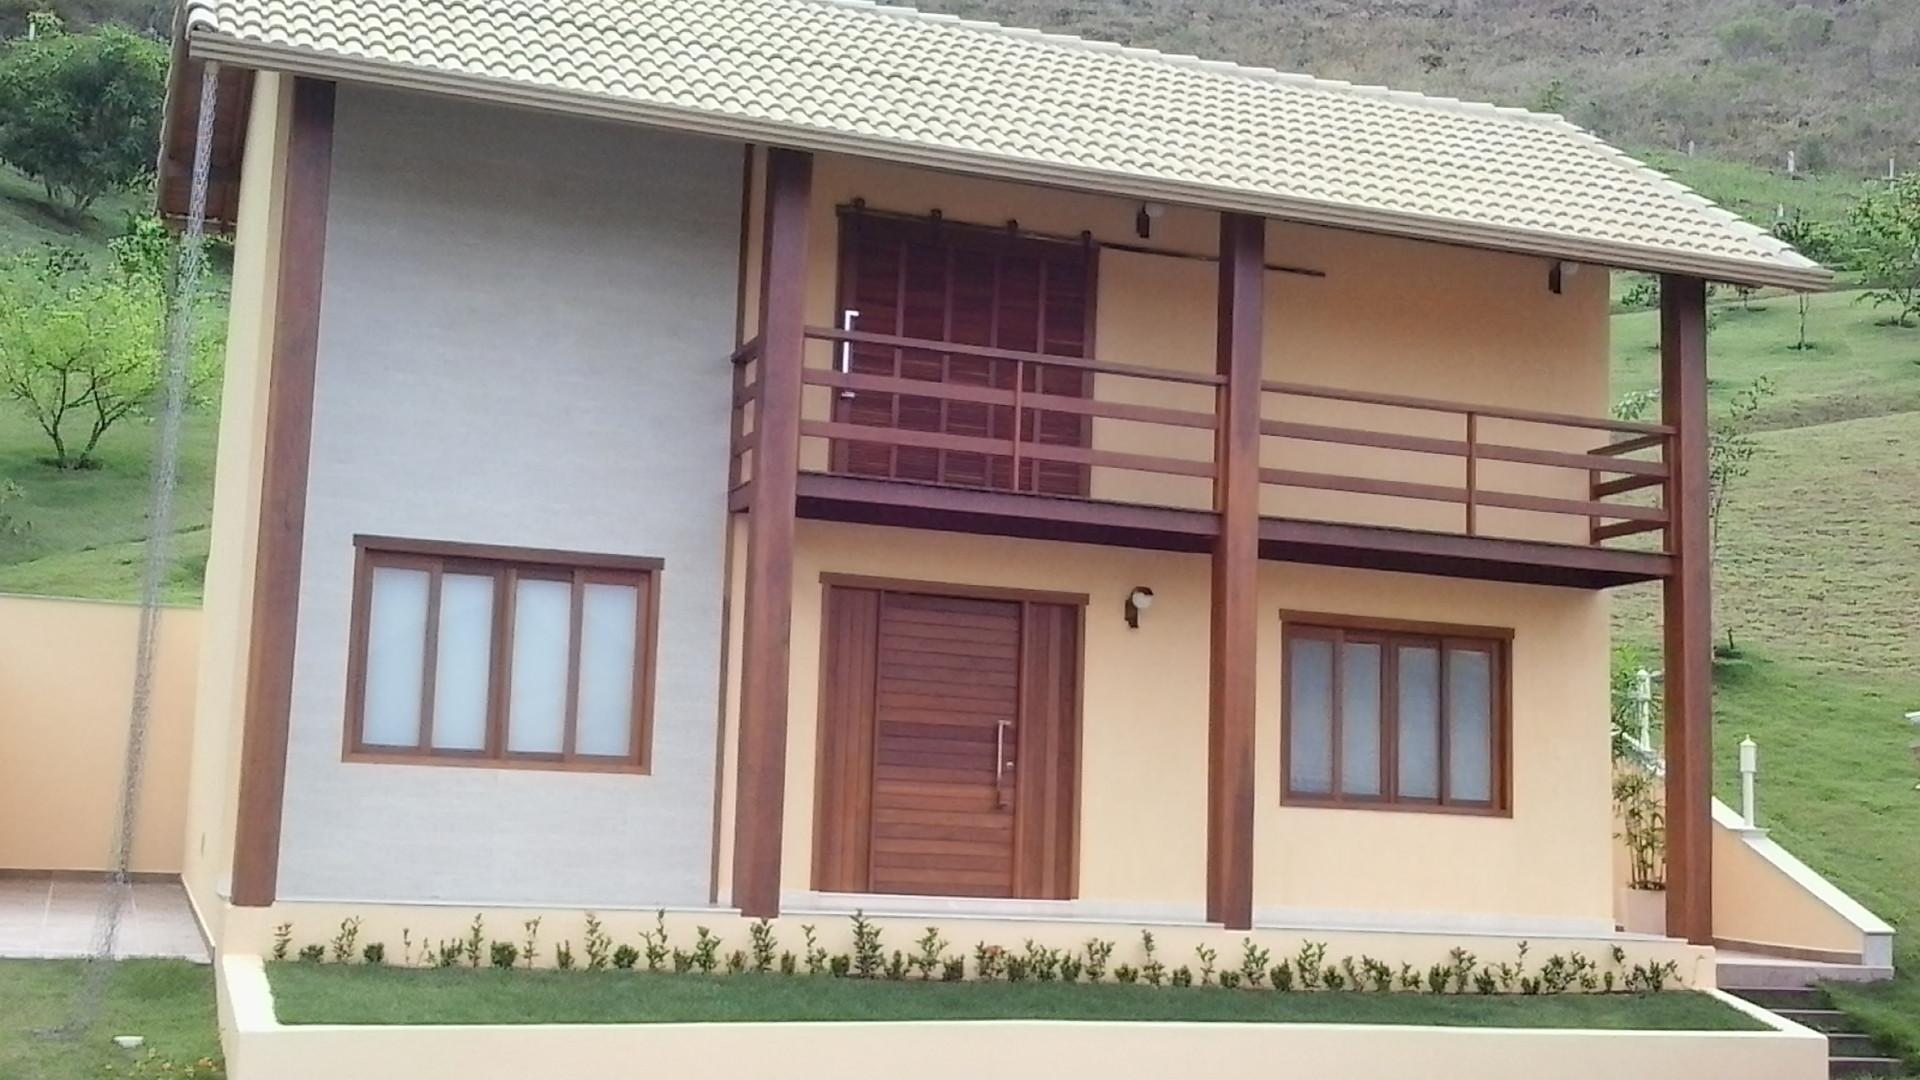 2012-10-31 08.47.35-arquitetura.jpg